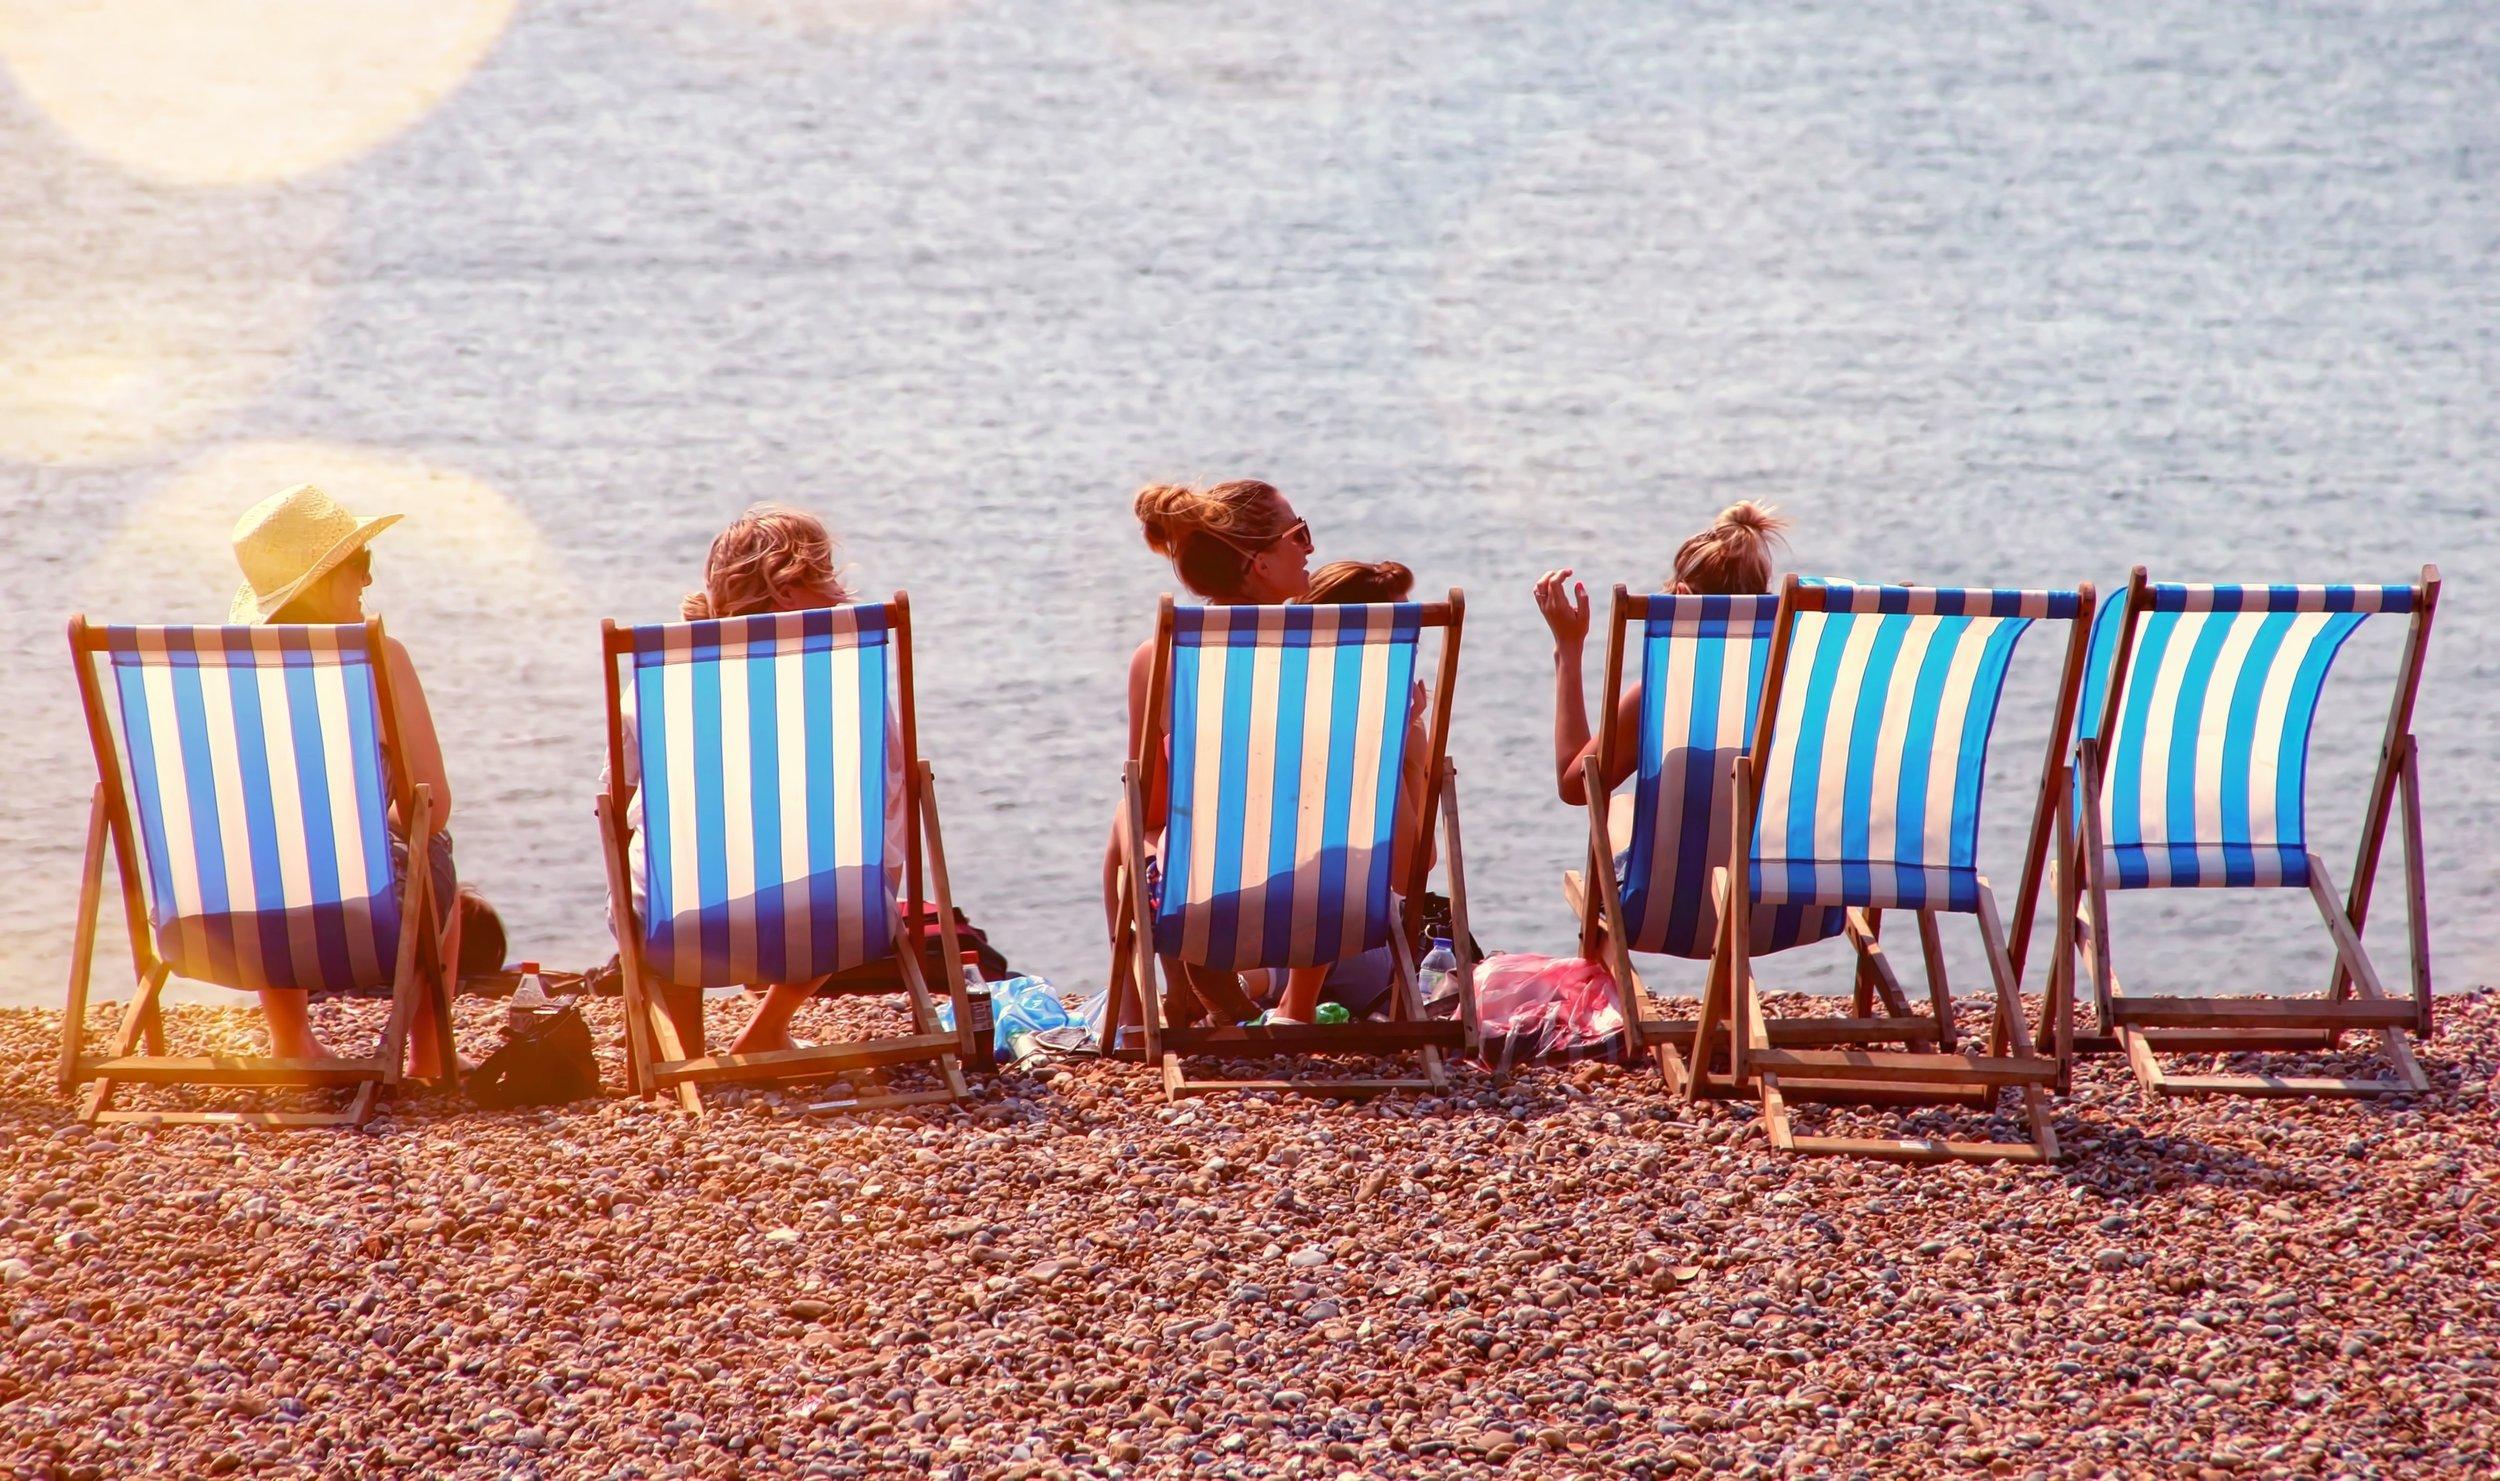 beach-chairs-leisure-791036.jpg